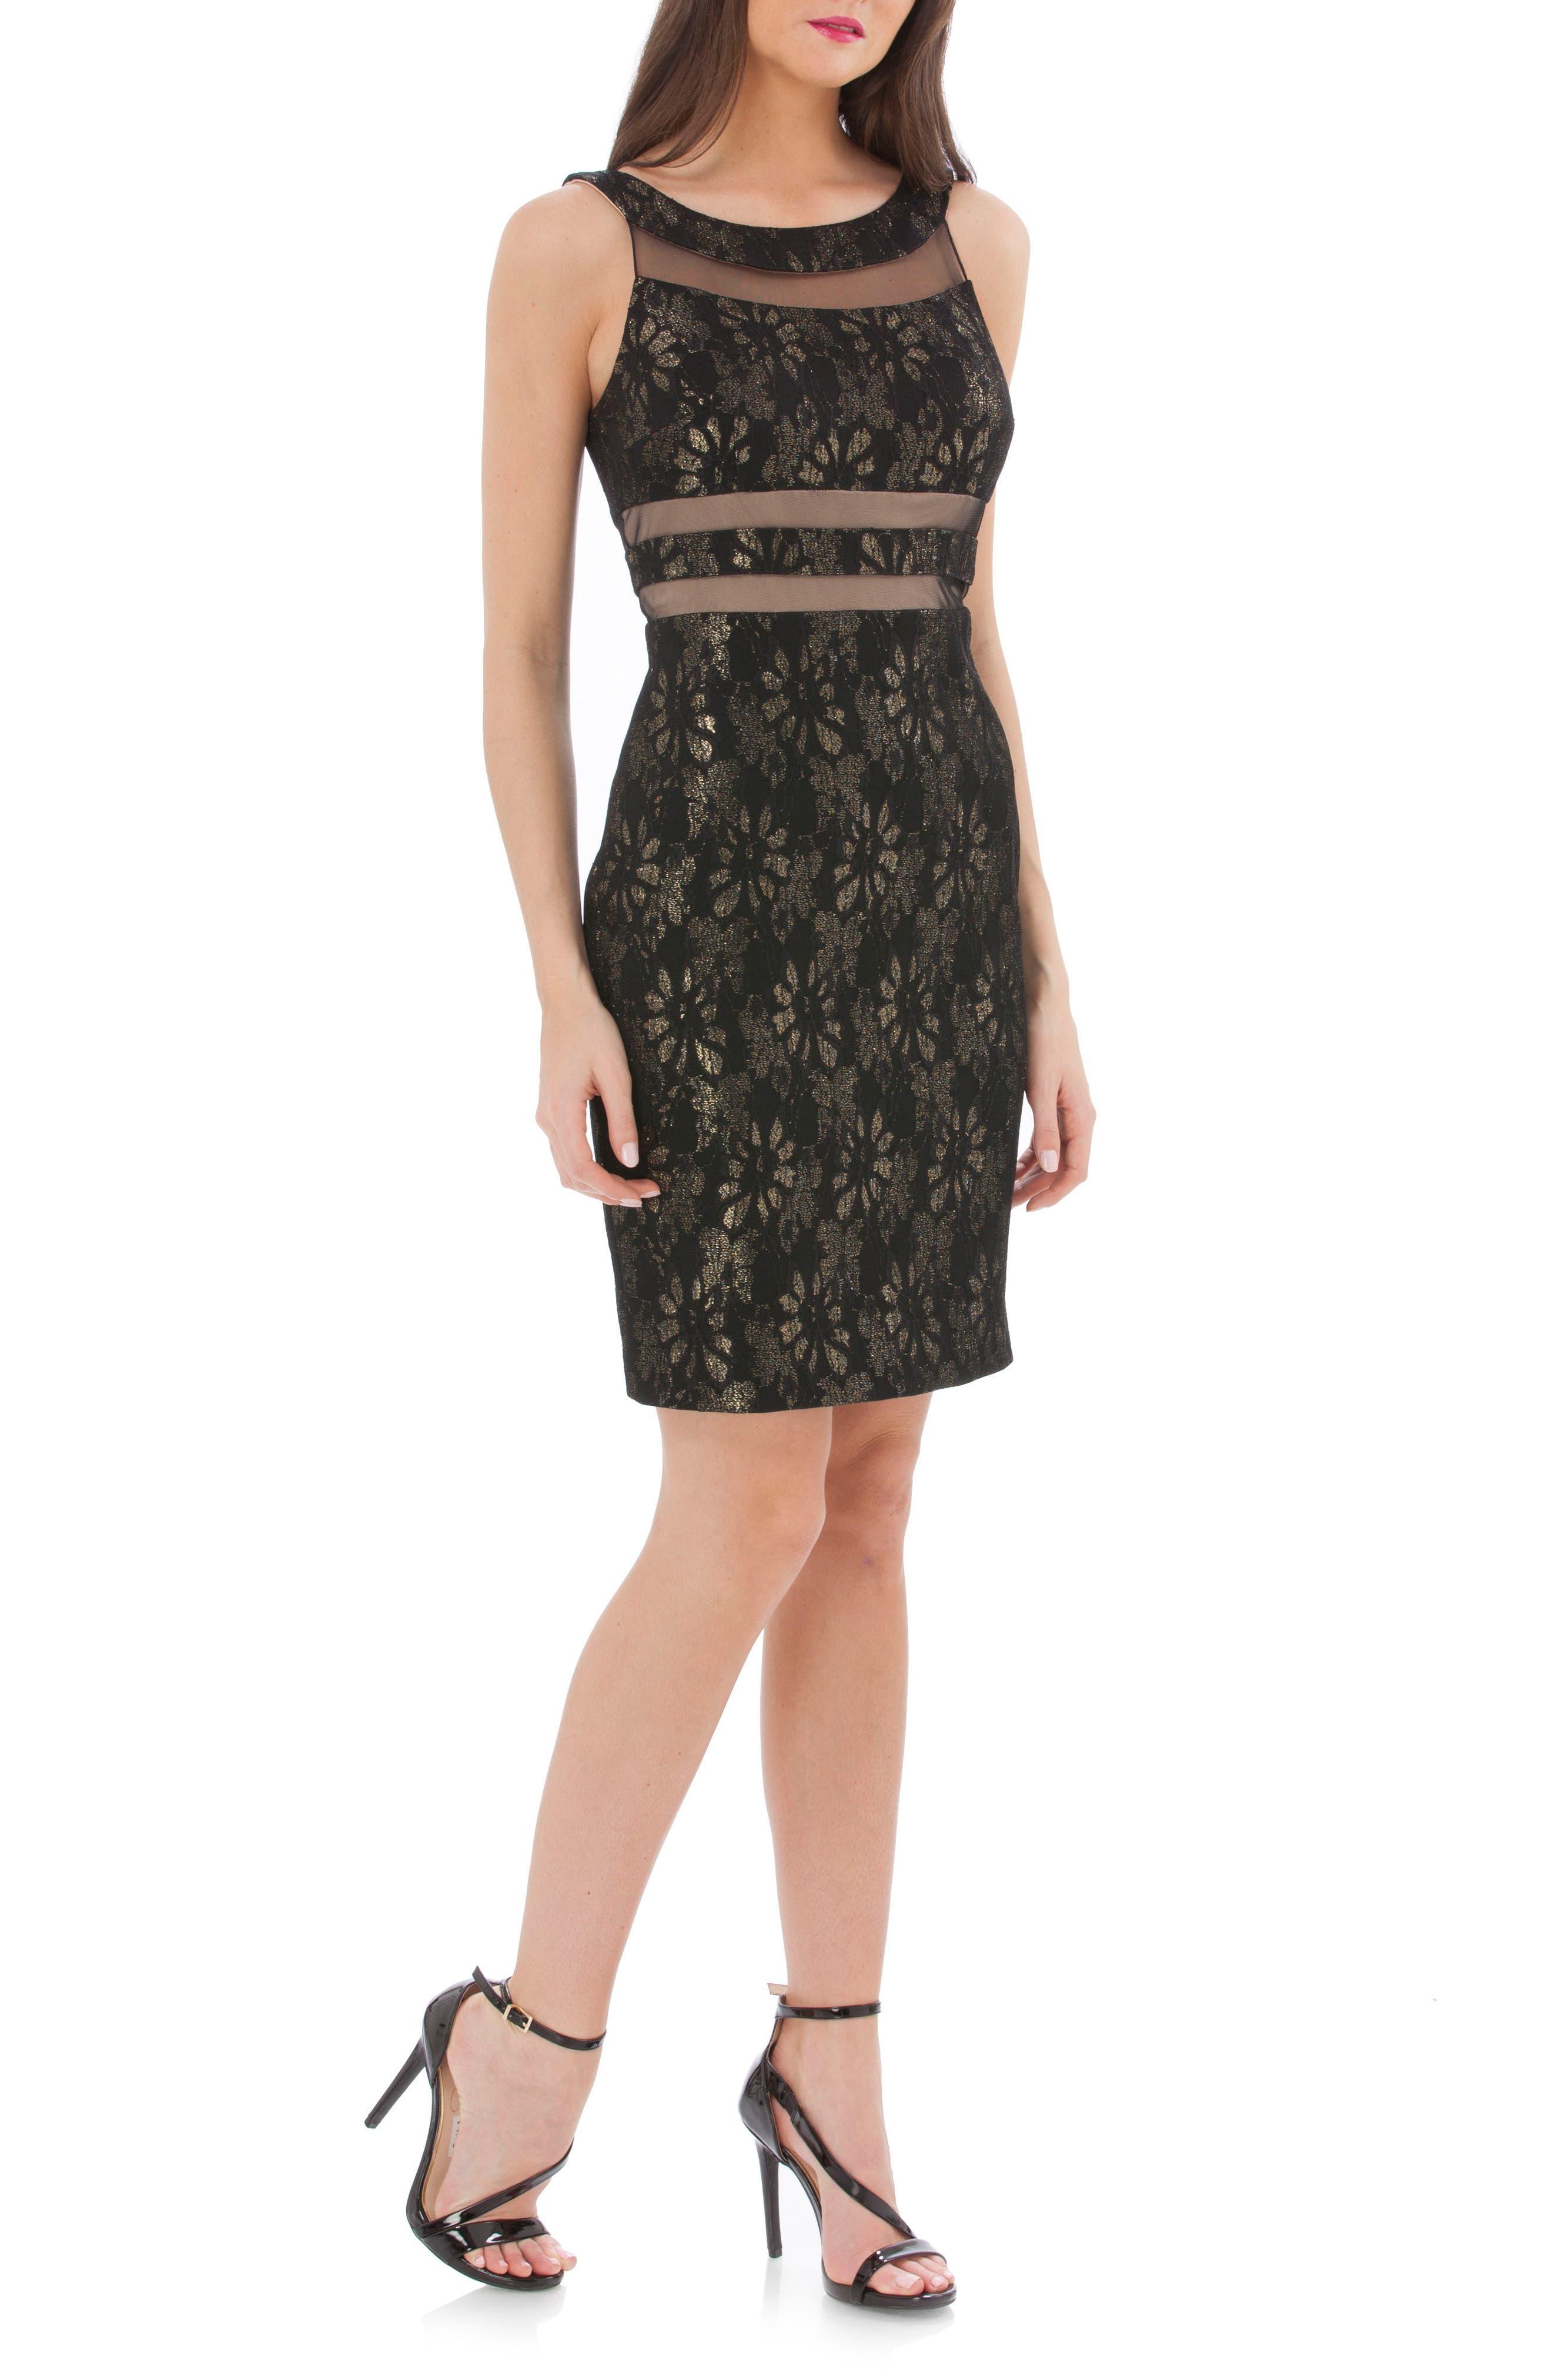 JS Boutique Dresses Retailers